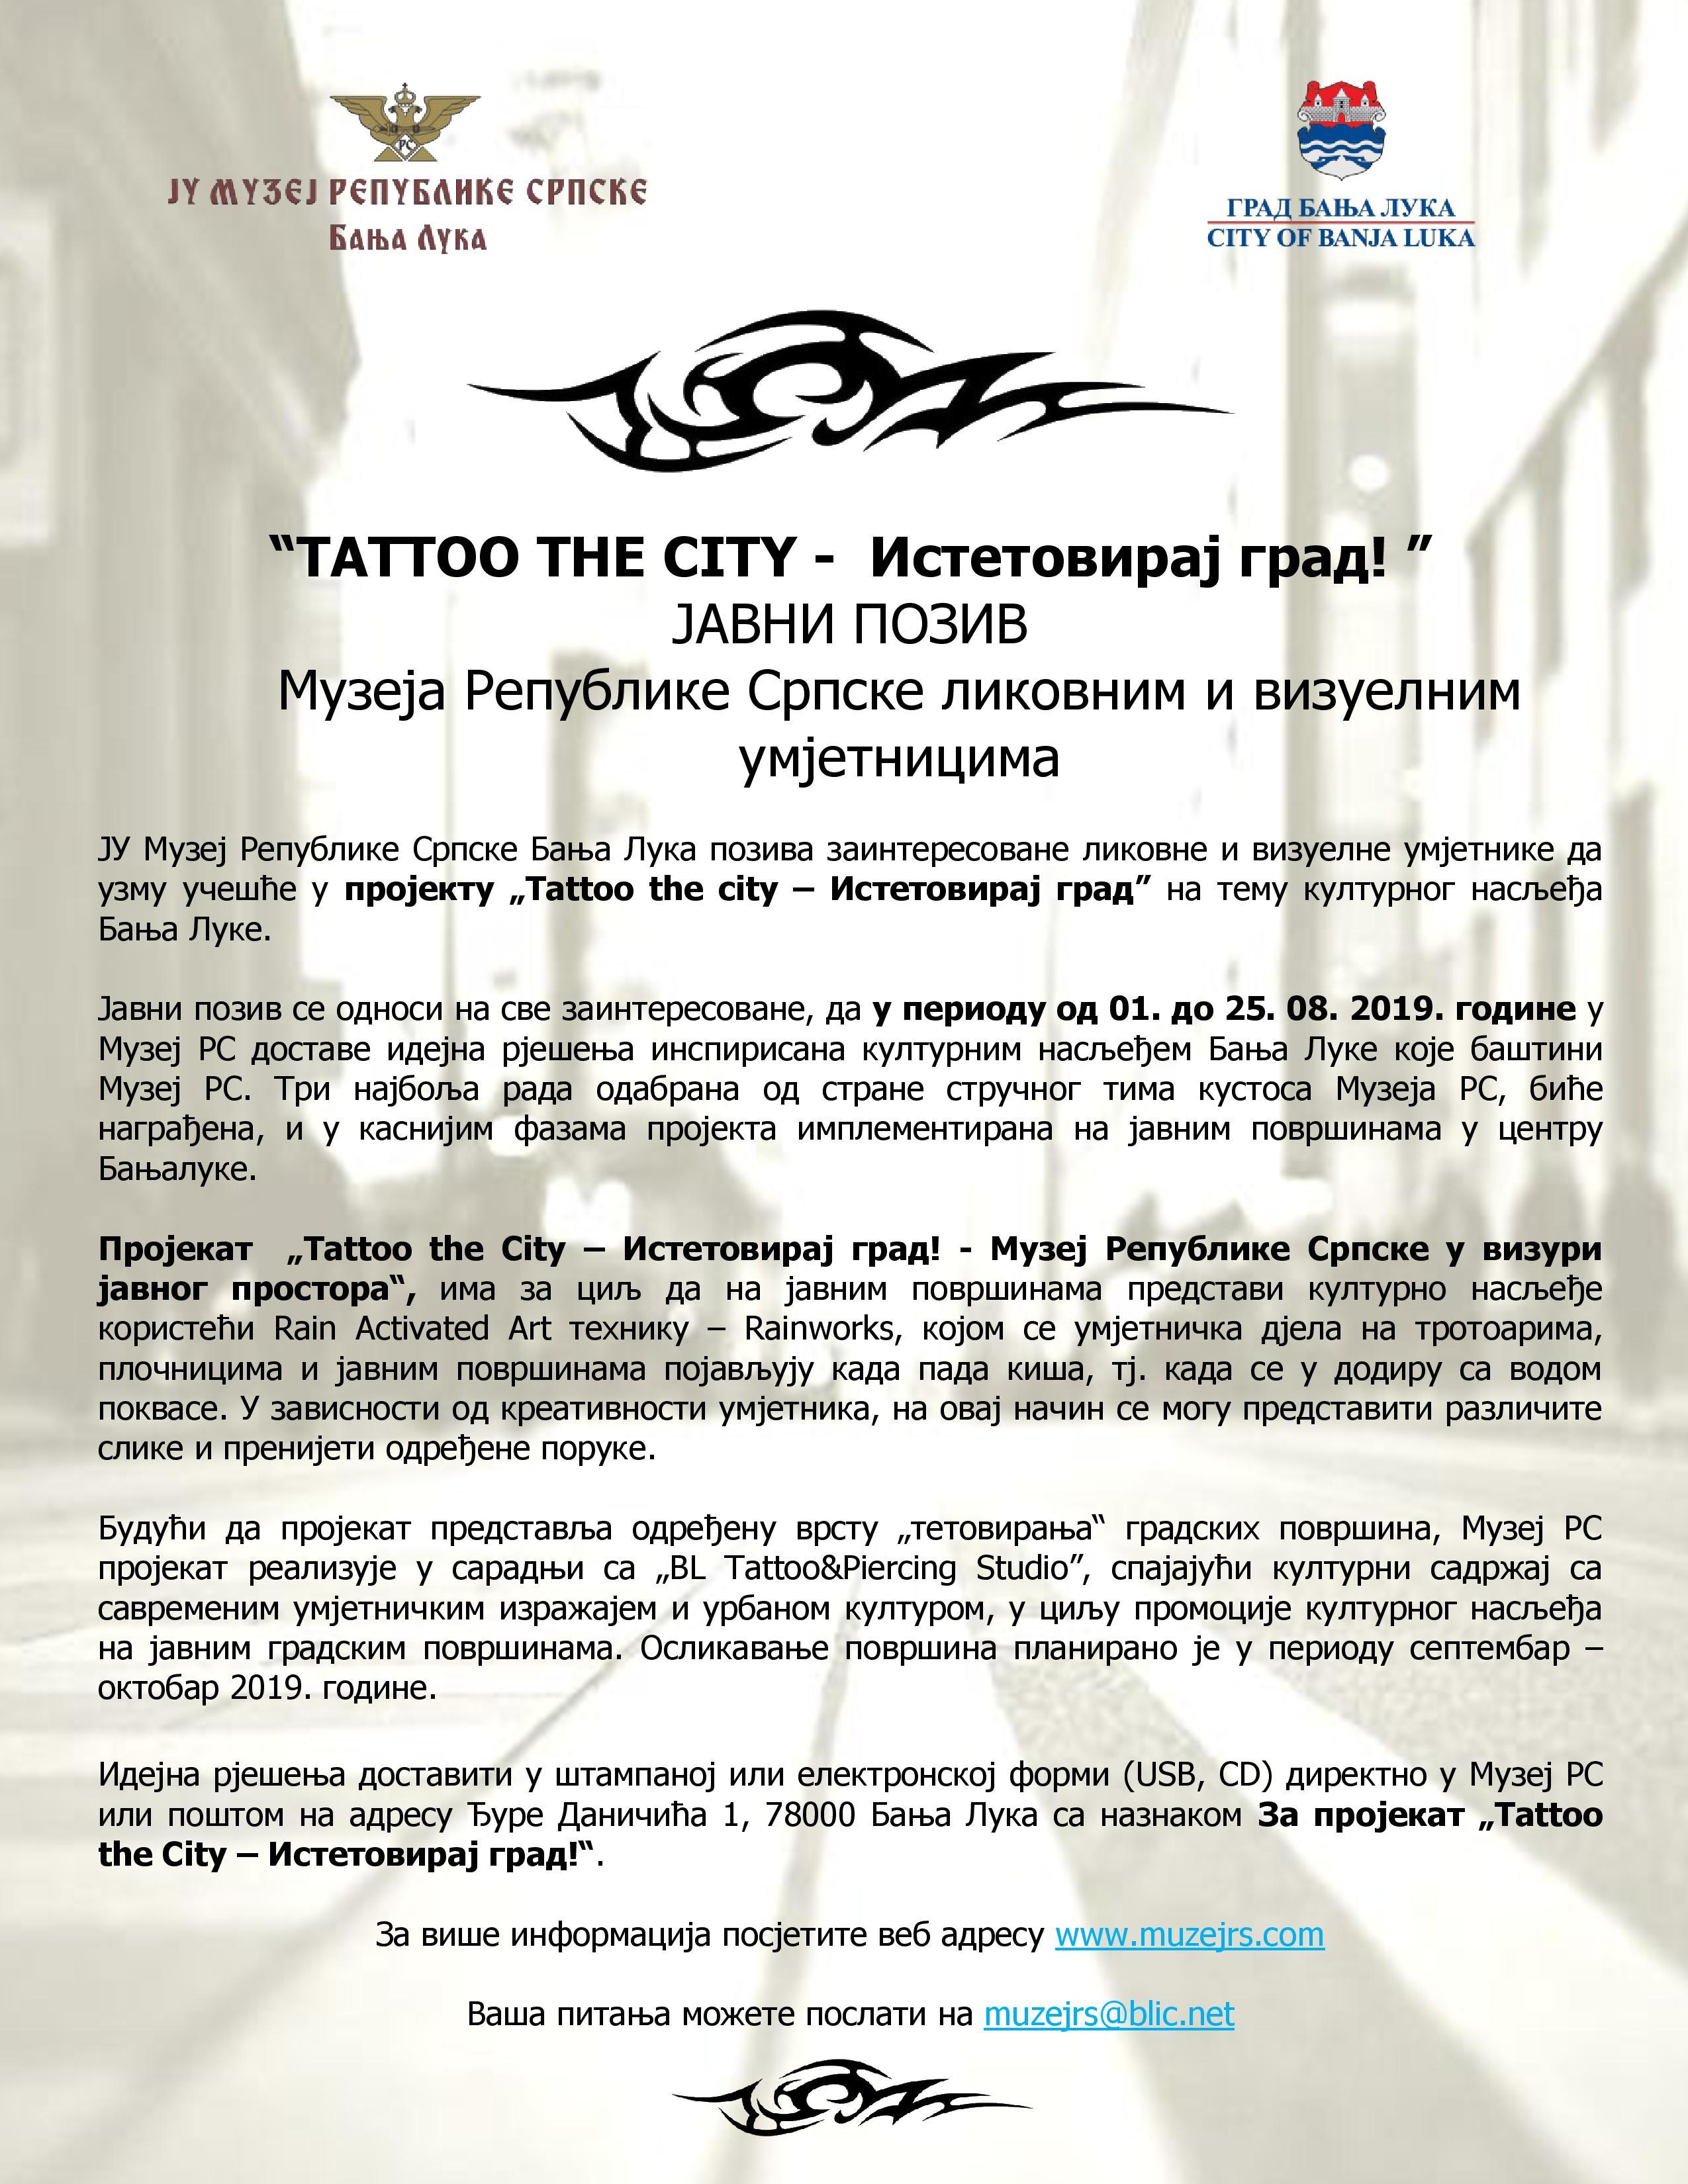 """""""Tattoo the City – Истетовирај град! - Музеј Републике Српске у визури јавног простора"""""""